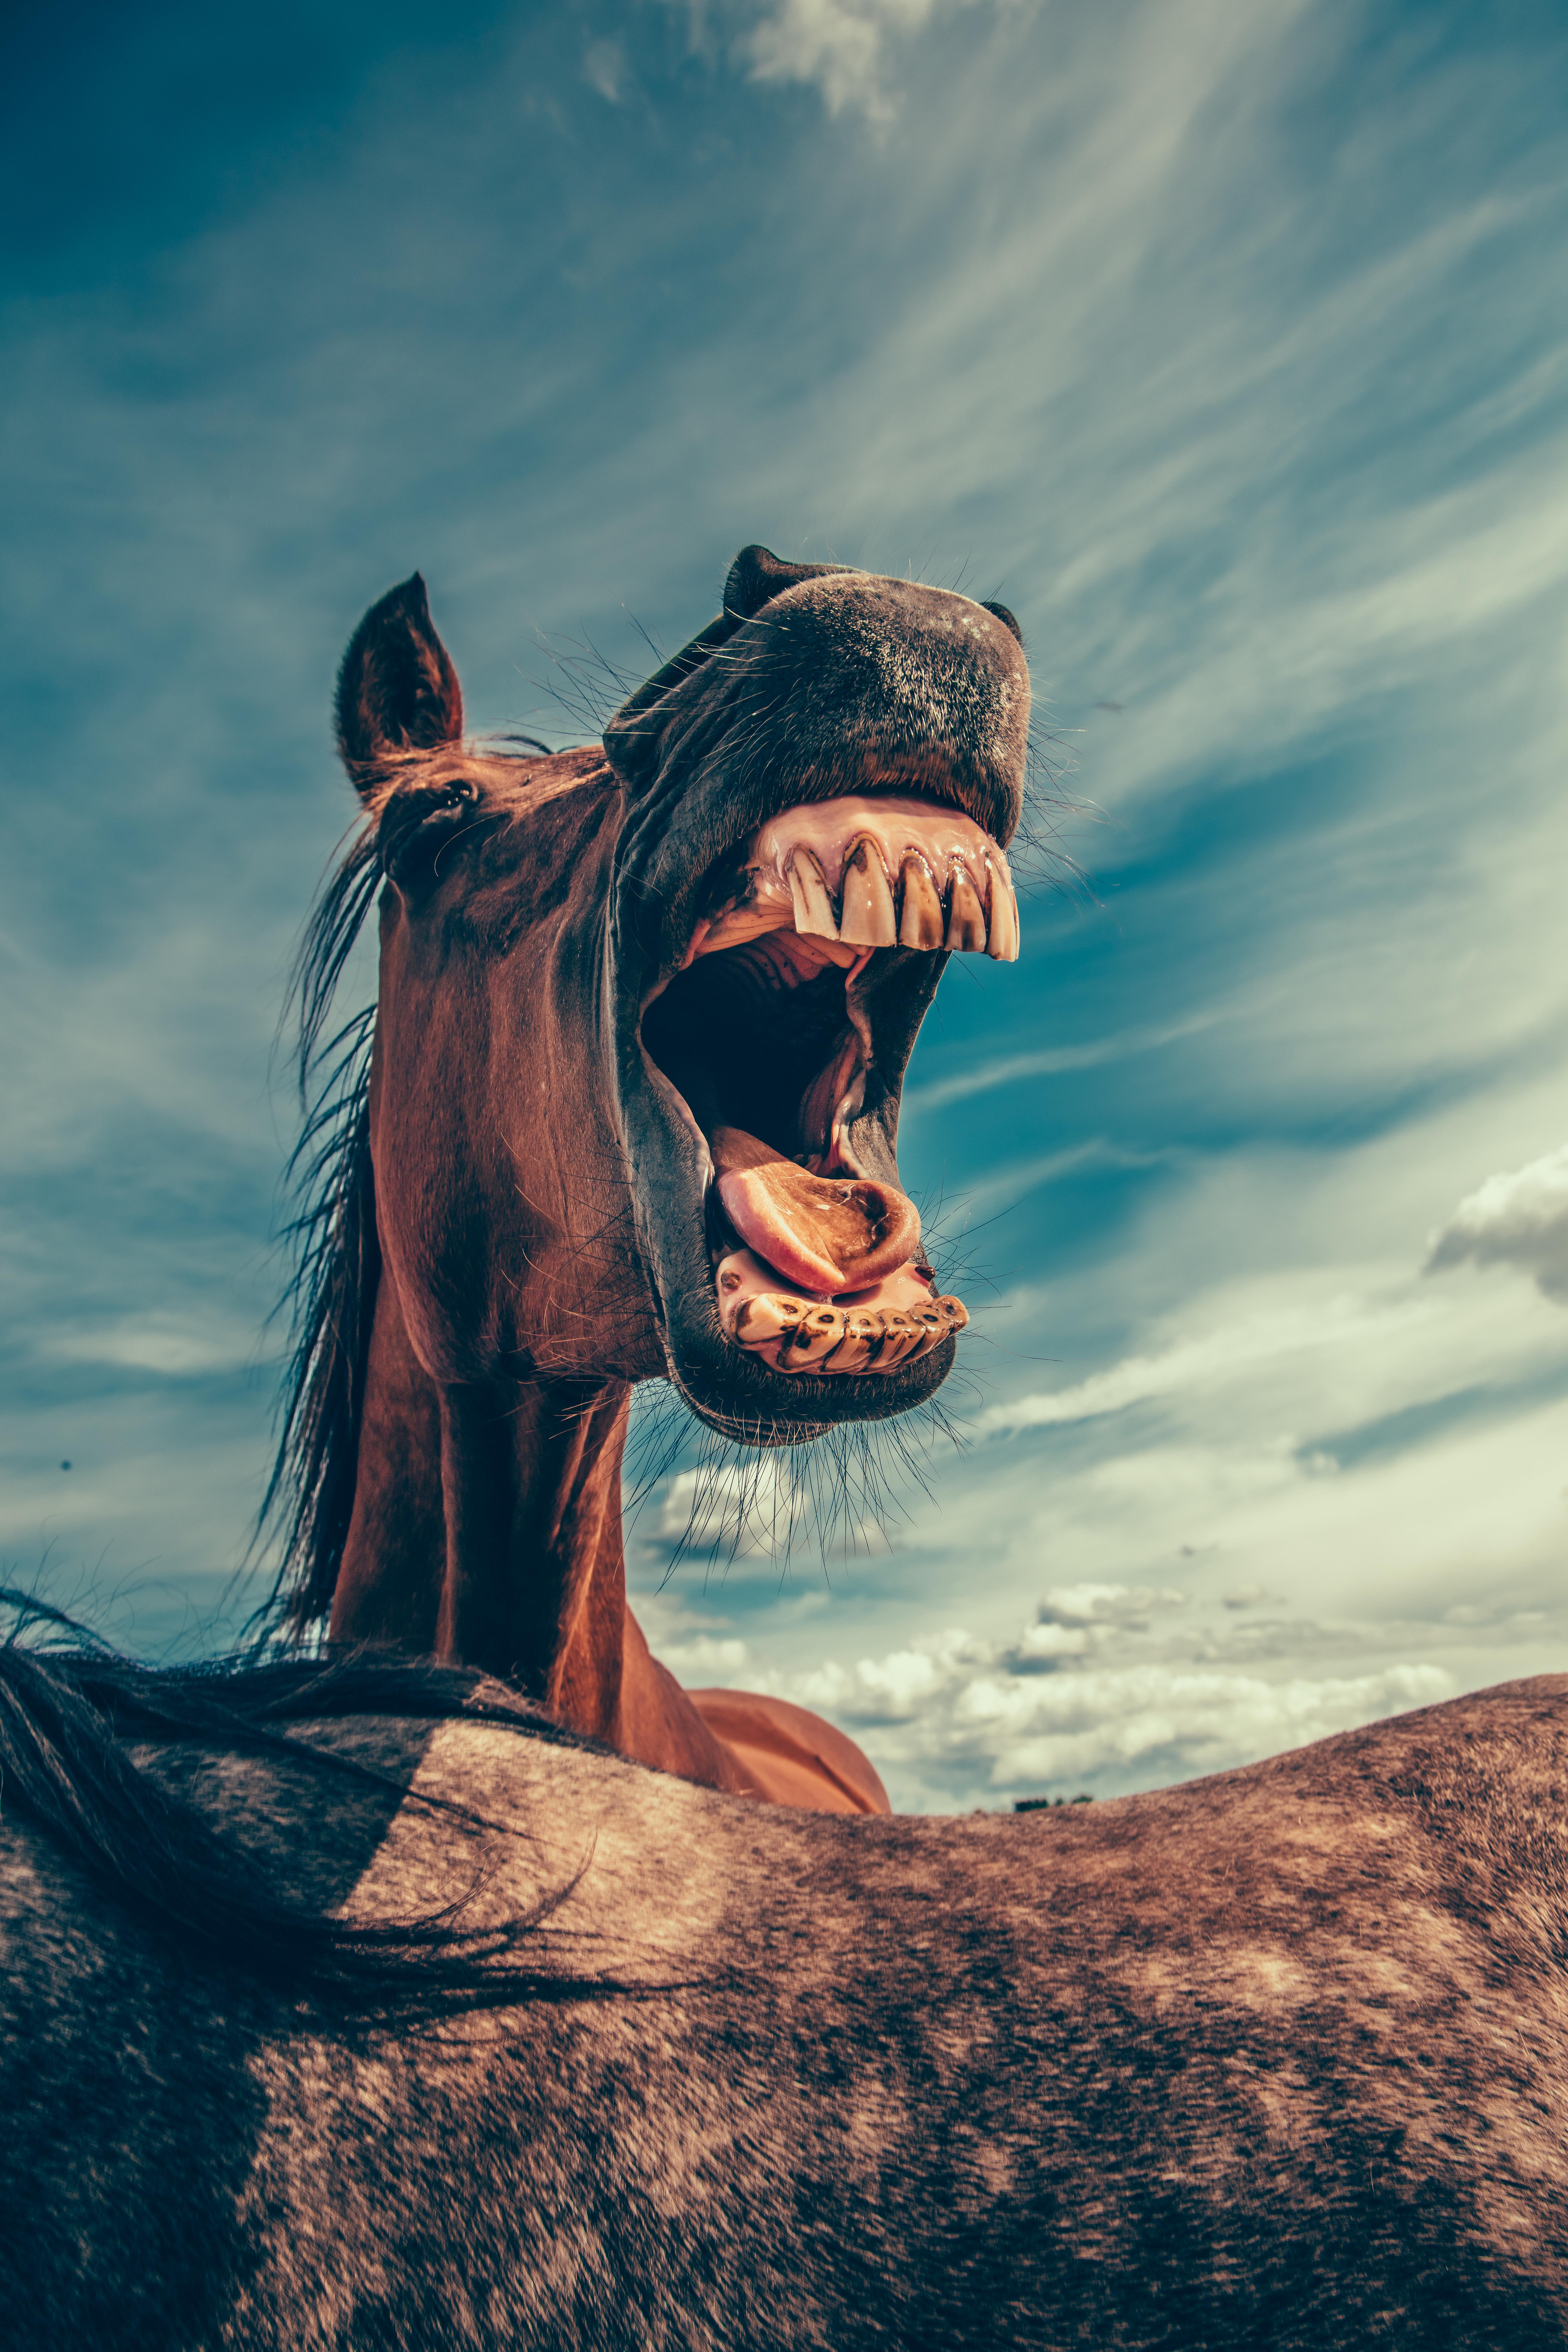 Weird stock photo: screaming horse